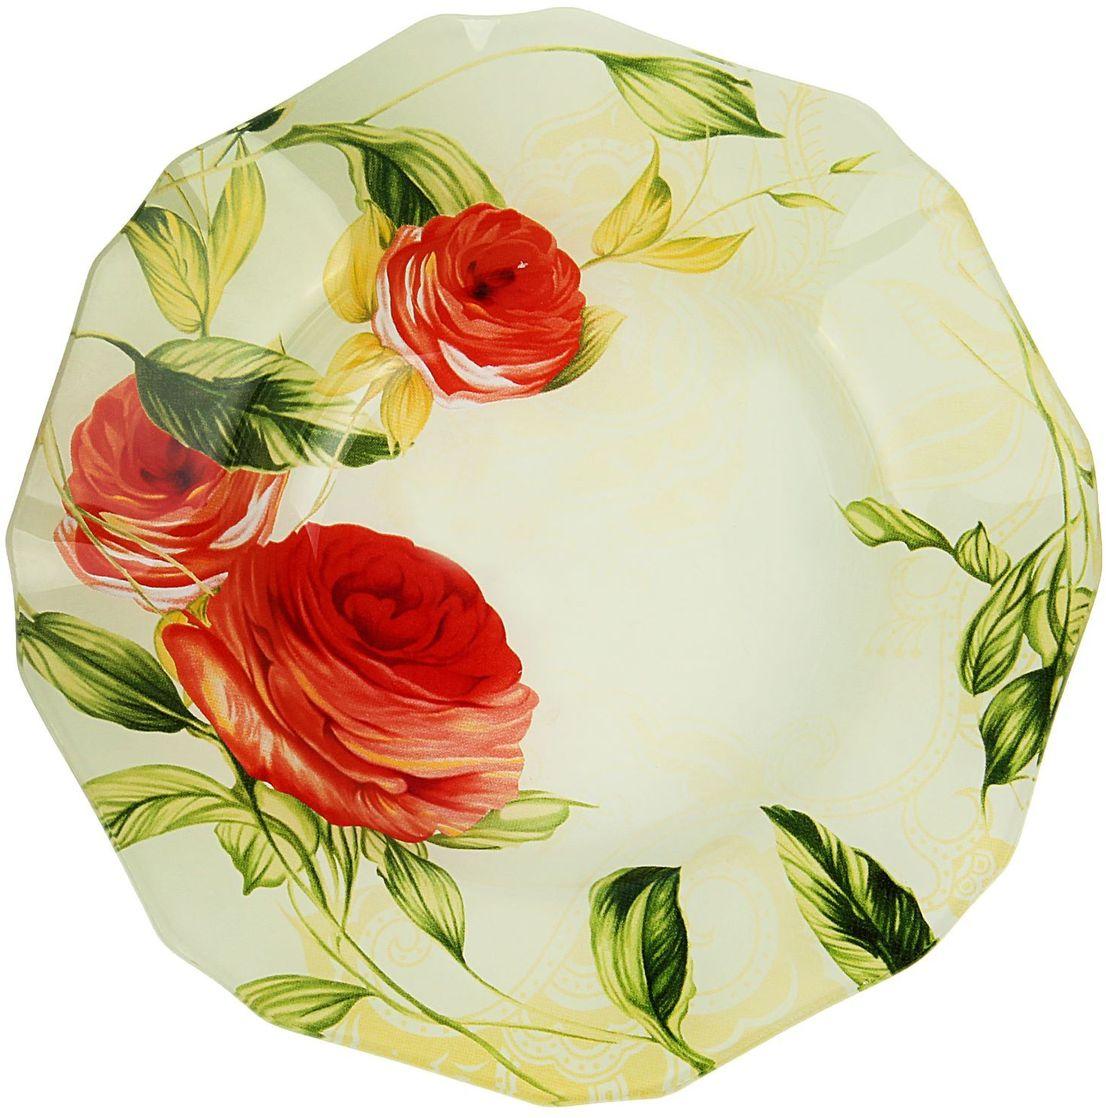 Тарелка глубокая Доляна Чайная роза, диаметр 20 см230626Столовая посуда с природными мотивами в оформлении разнообразит интерьер кухни и сделает застолье самобытным и запоминающимся. Достоинства: качественное стекло не впитывает запахов; гладкая поверхность обеспечивает лёгкость мытья. Рекомендуется избегать использования абразивных моющих средств. Делайте любимый дом уютнее!